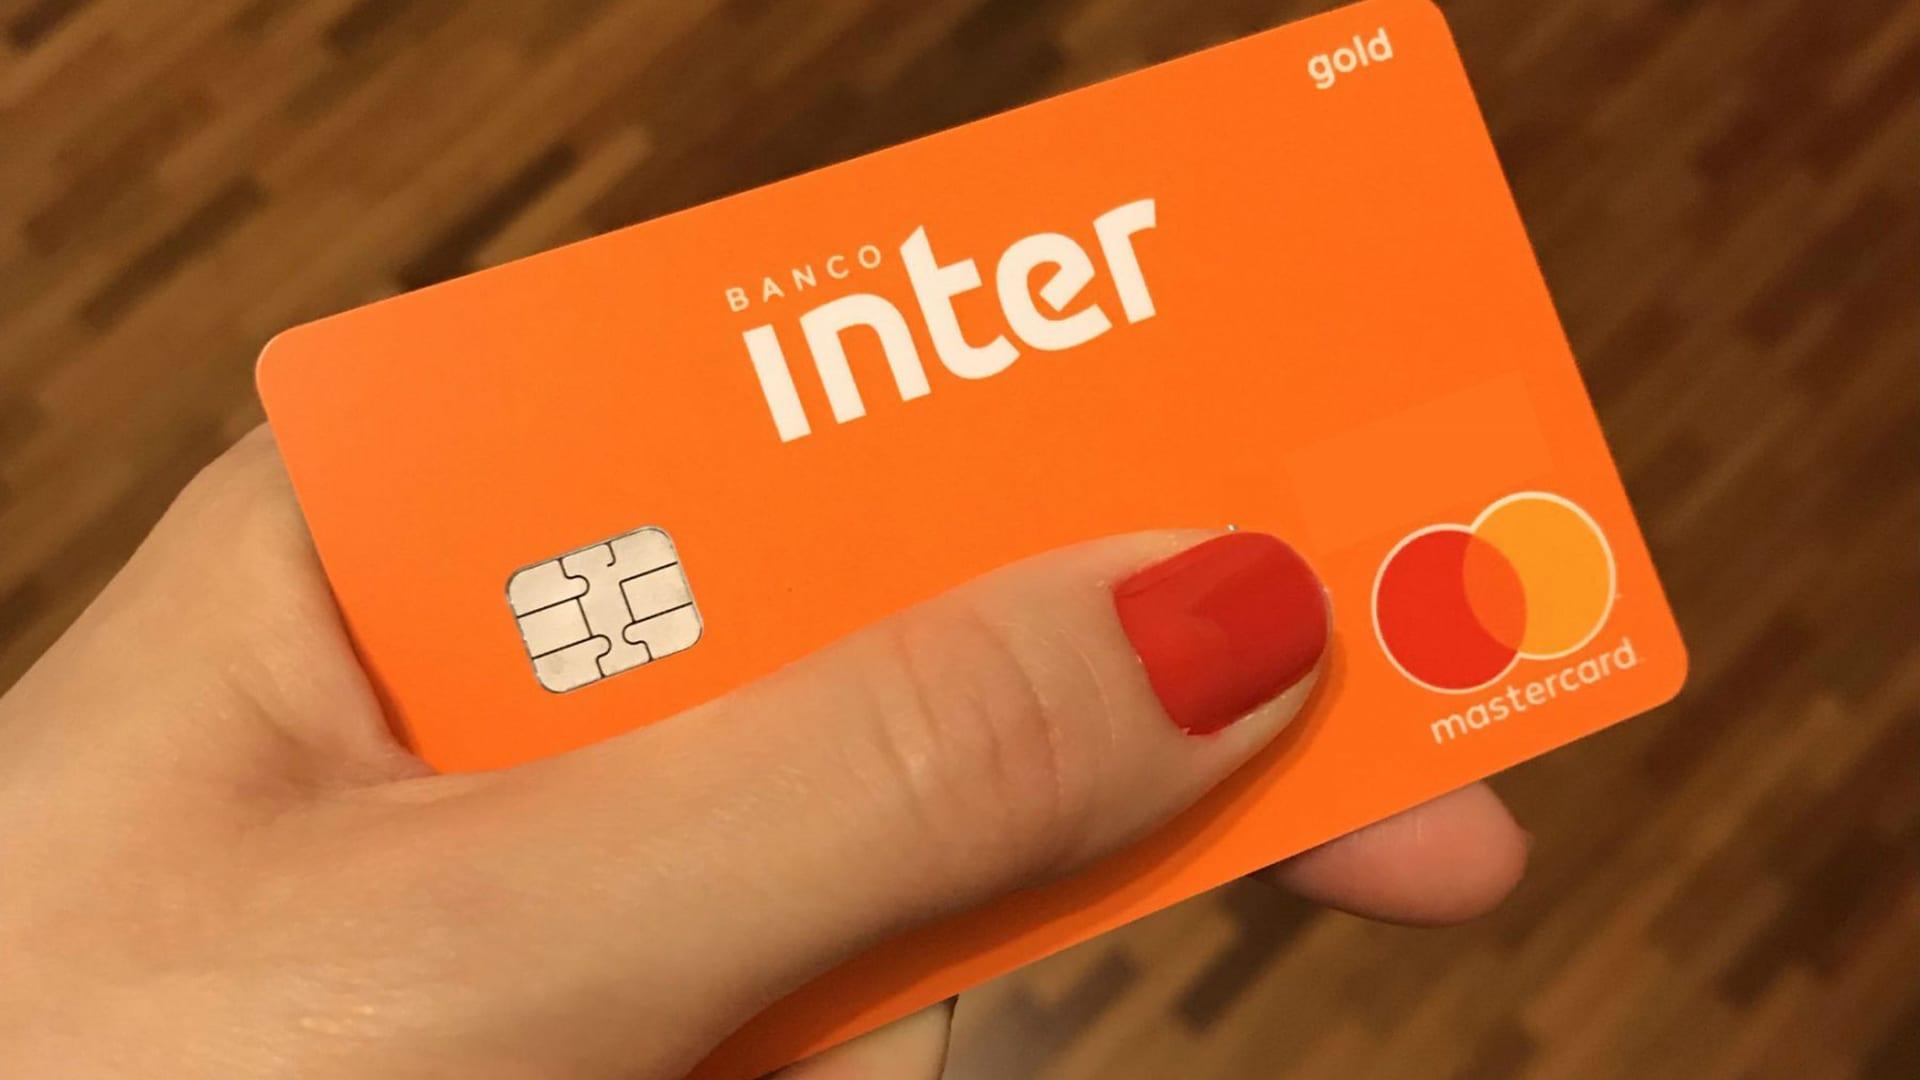 Banco Inter: Conheça as Facilidades e Isenções De Taxas